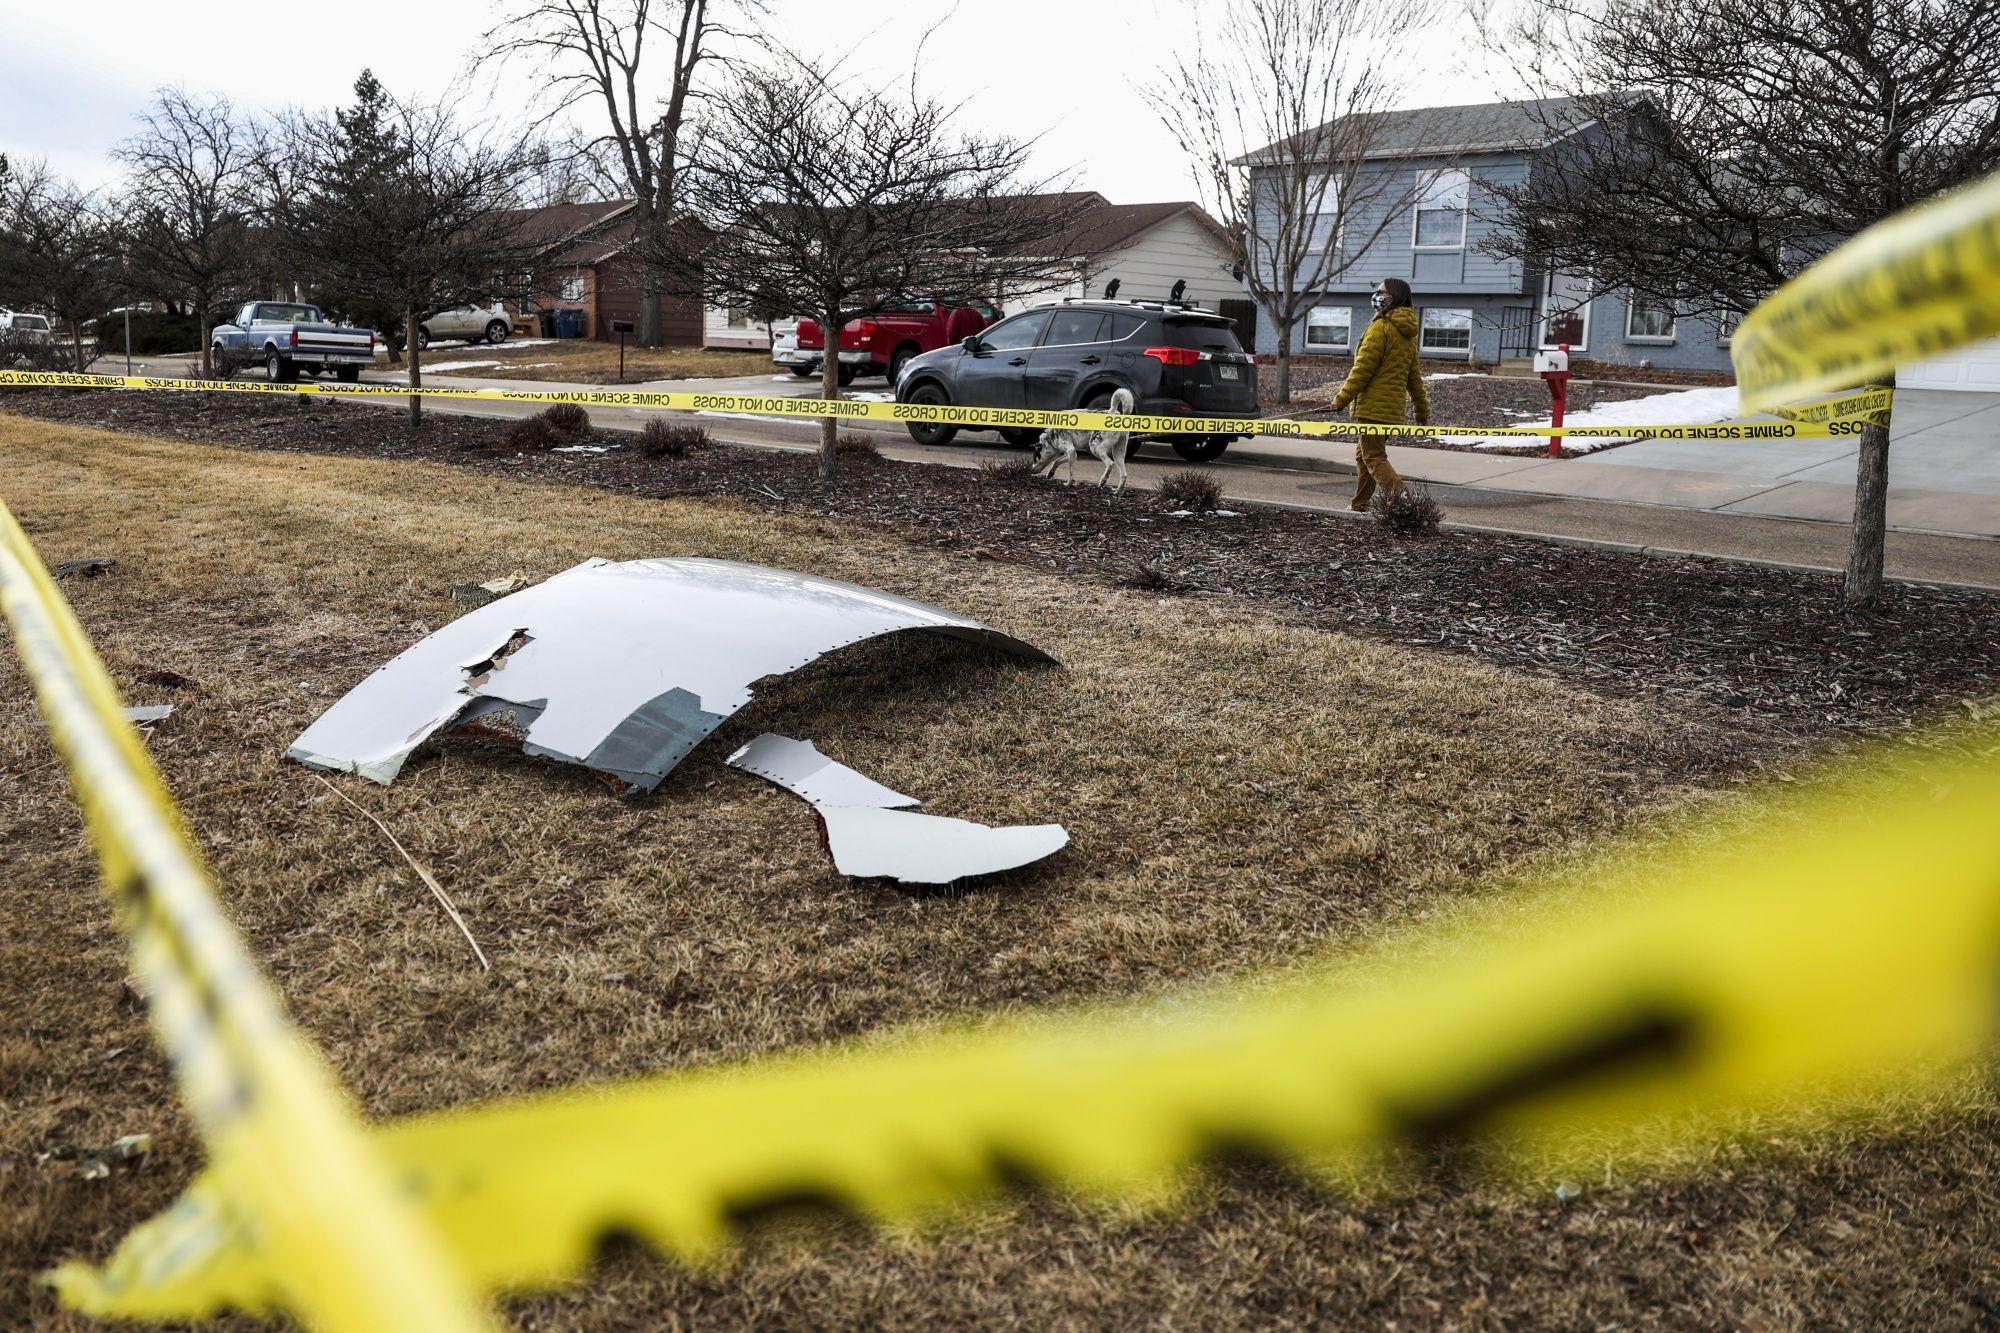 Boeing 777 Drops Debris Onto Denver Neighborhood After Engine Explosion